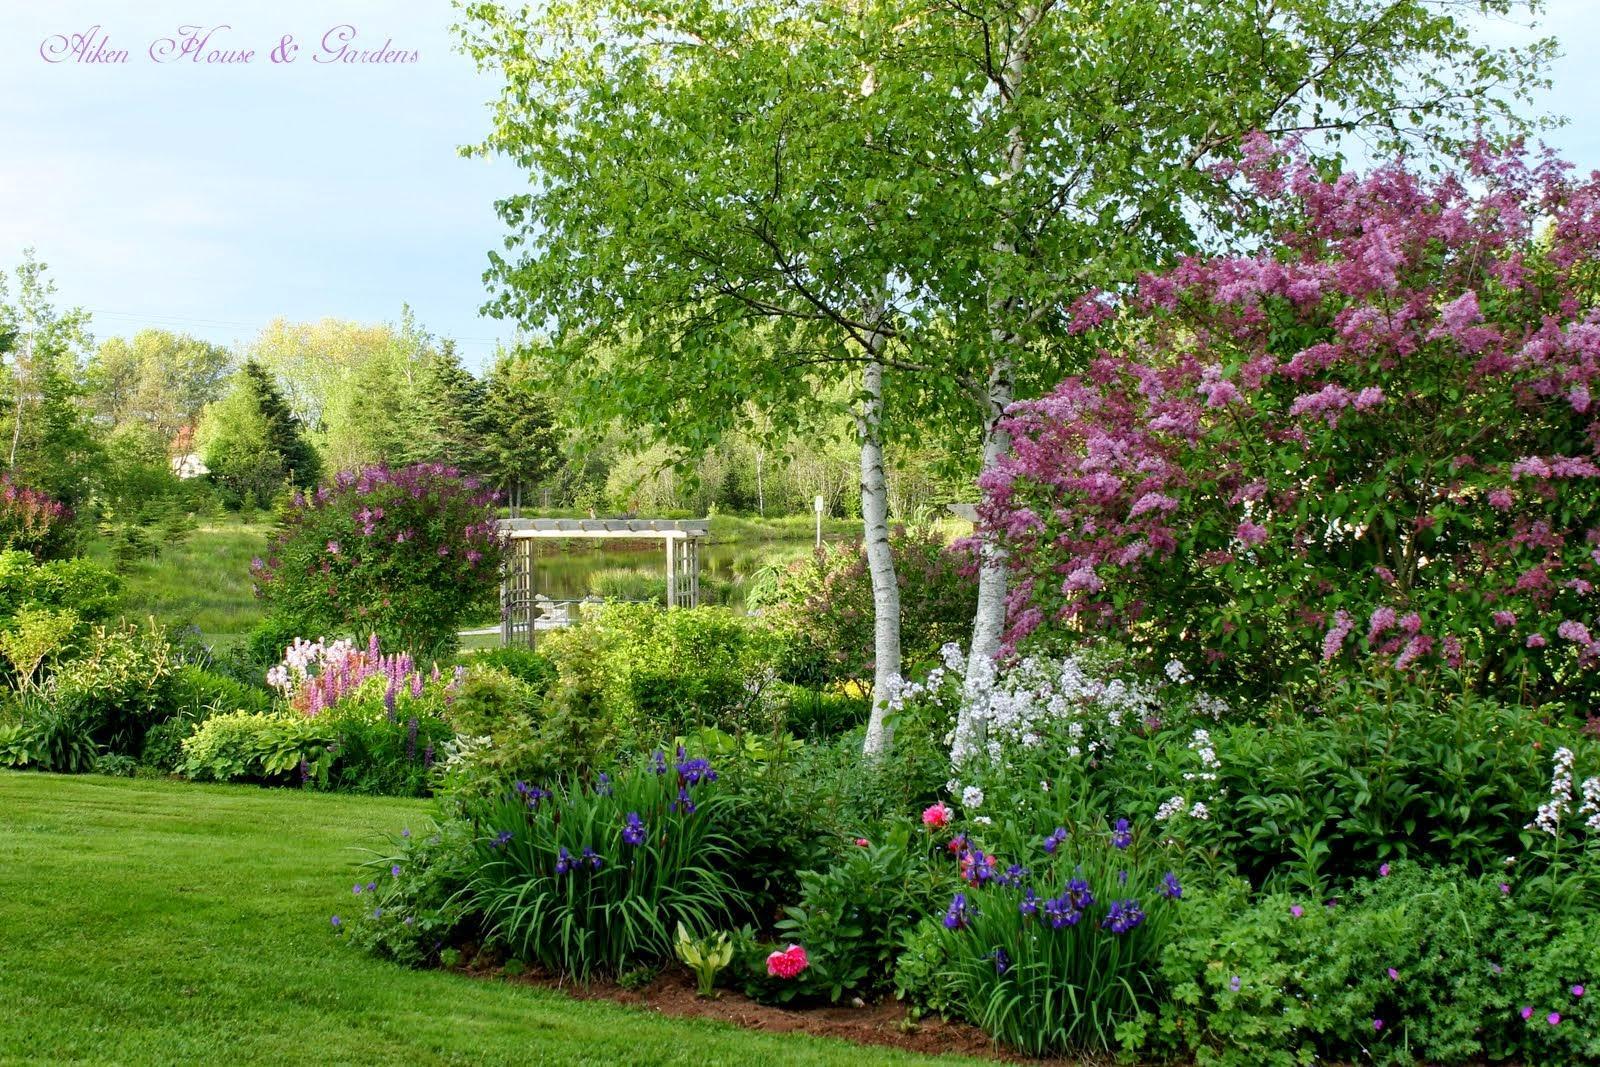 Záhrada,ktorá ťa nikdy neomrzí...divoká a krásna - Obrázok č. 1